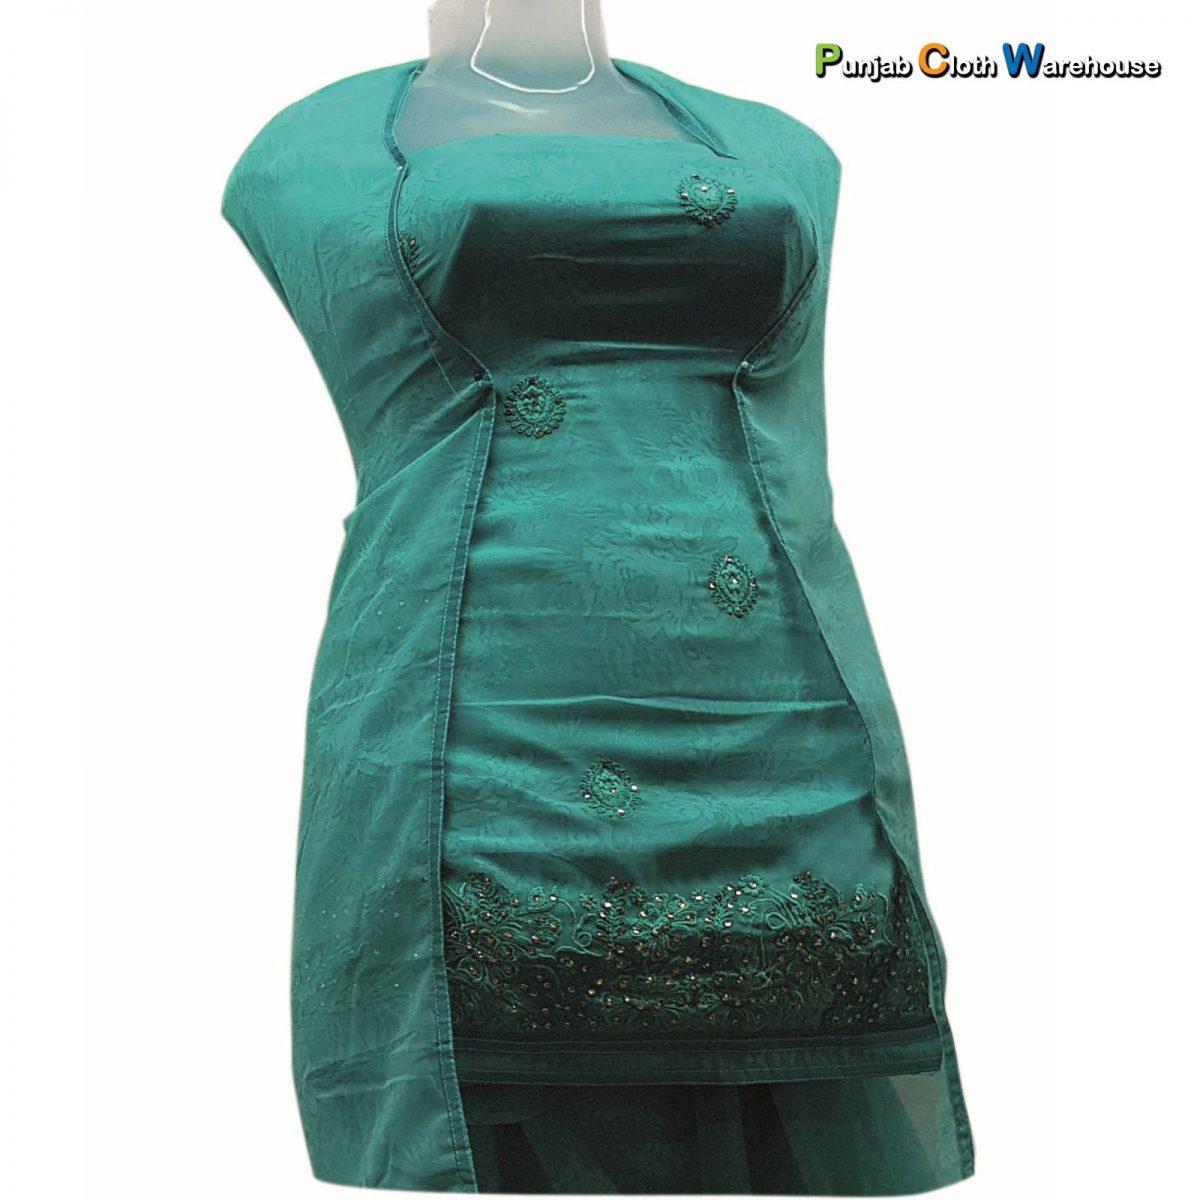 Ladies Suits - Cut Piece - Punjab Cloth Warehouse, Surrey (54)